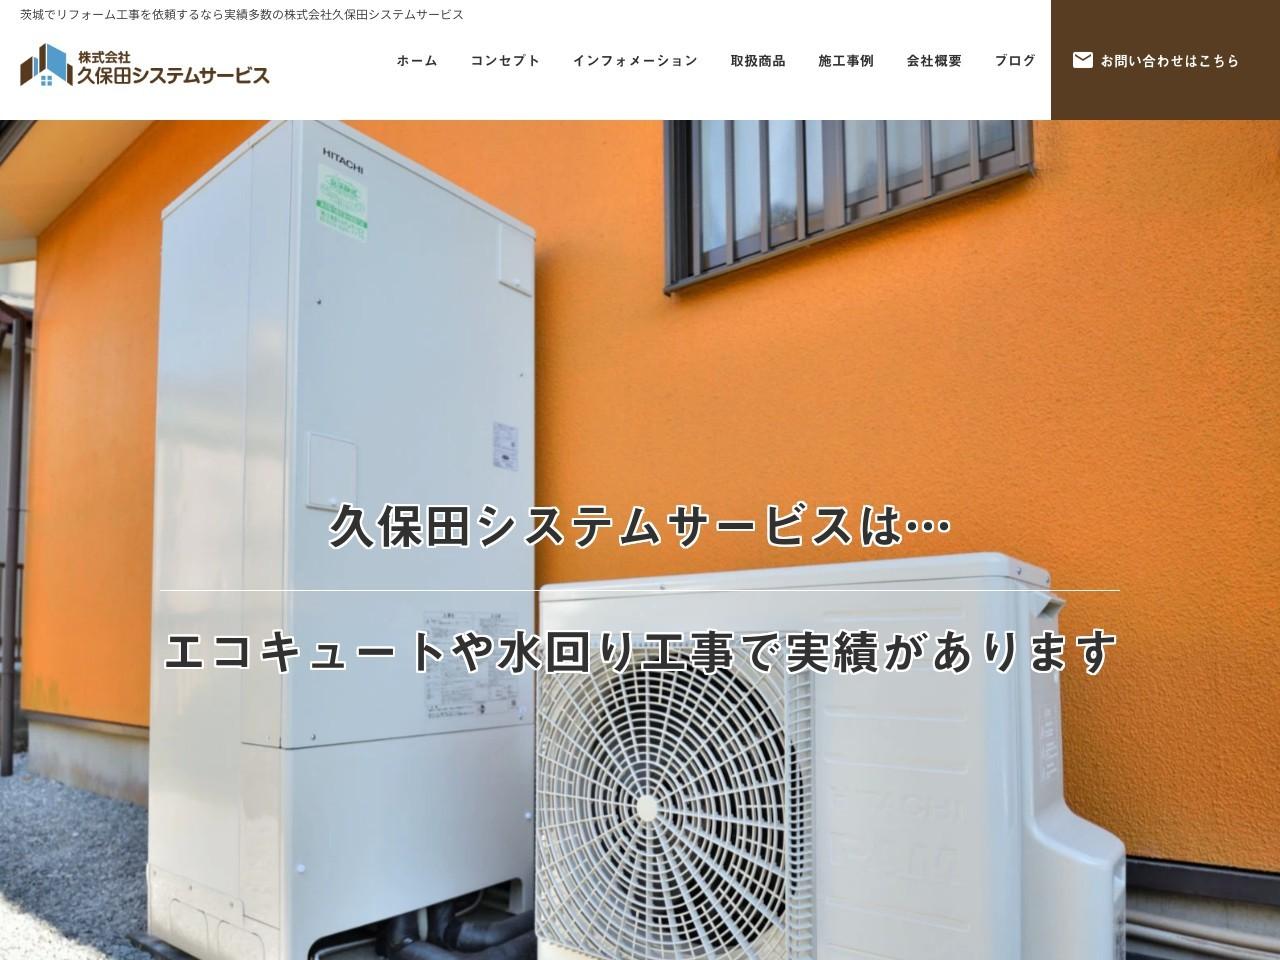 株式会社久保田システムサービス